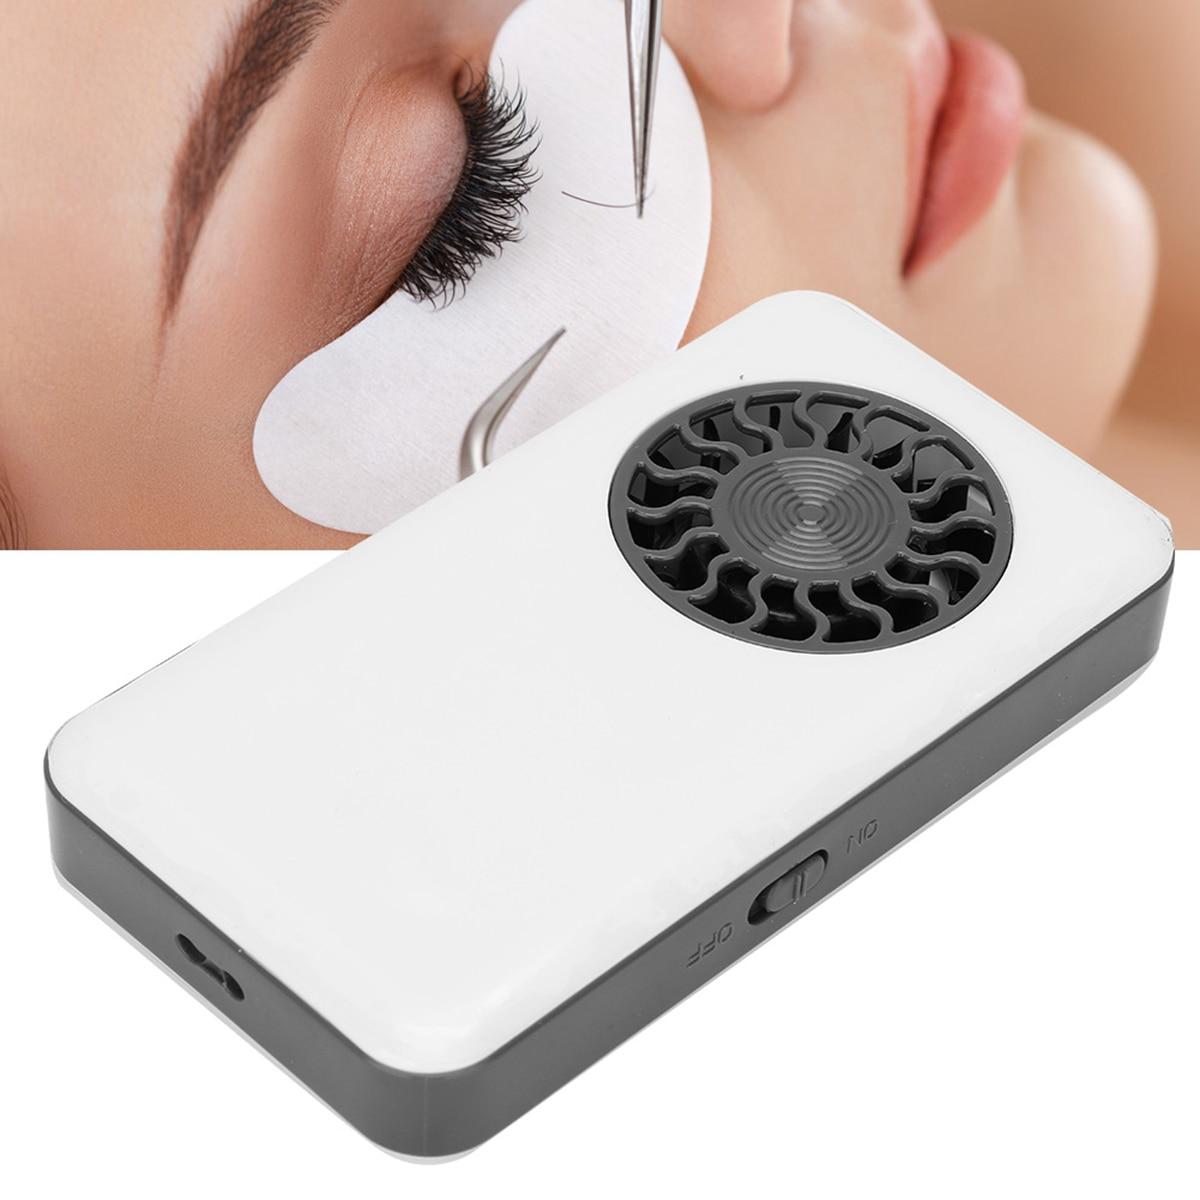 Мини Портативный USB вентилятор Ручной фен для ресниц Кондиционер воздуходувка для ресниц прививка тушь для ресниц клей для наращивания рес...